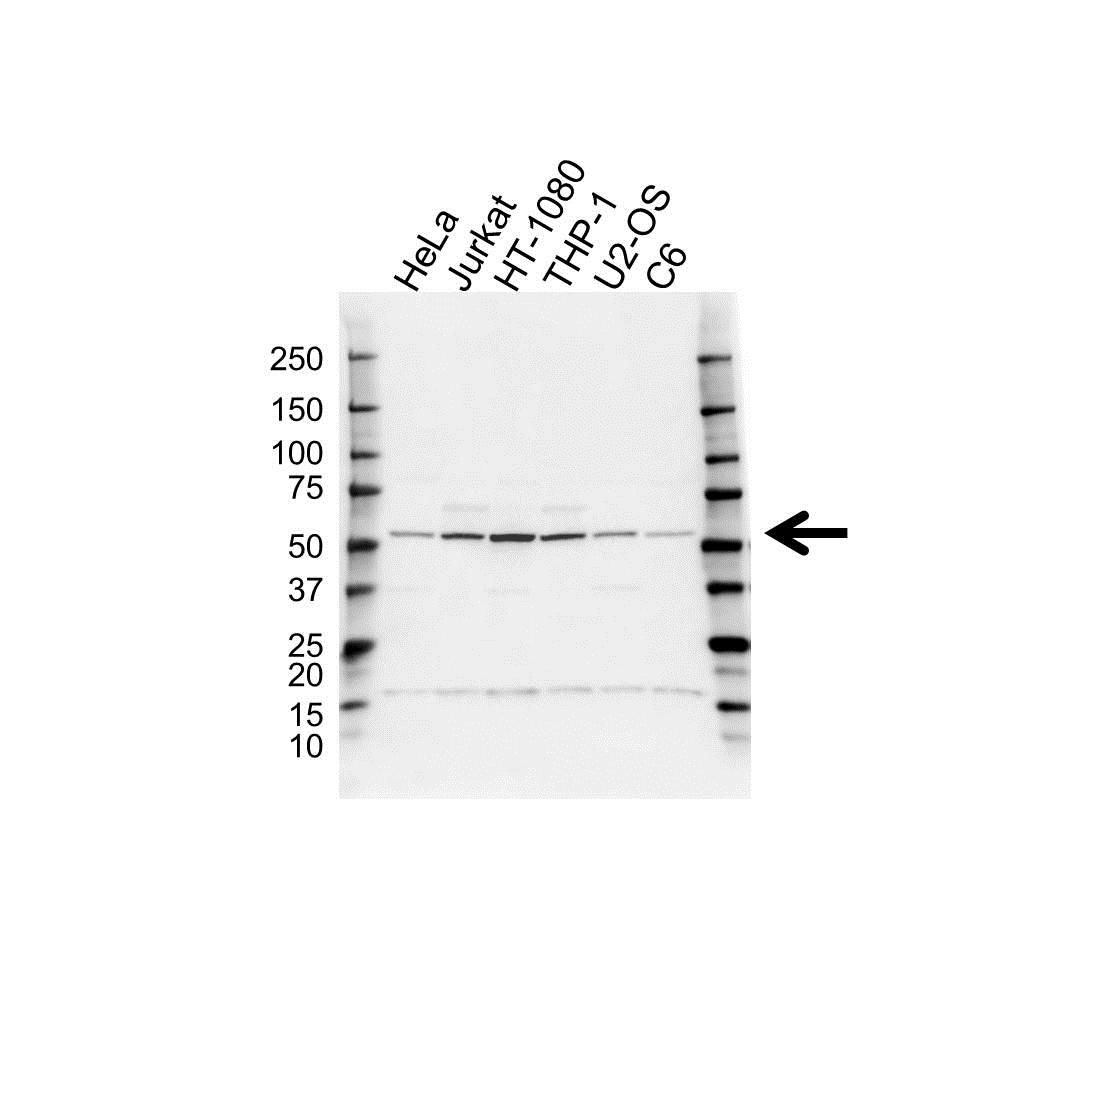 Anti RUVBL1 Antibody (PrecisionAb Polyclonal Antibody) gallery image 1